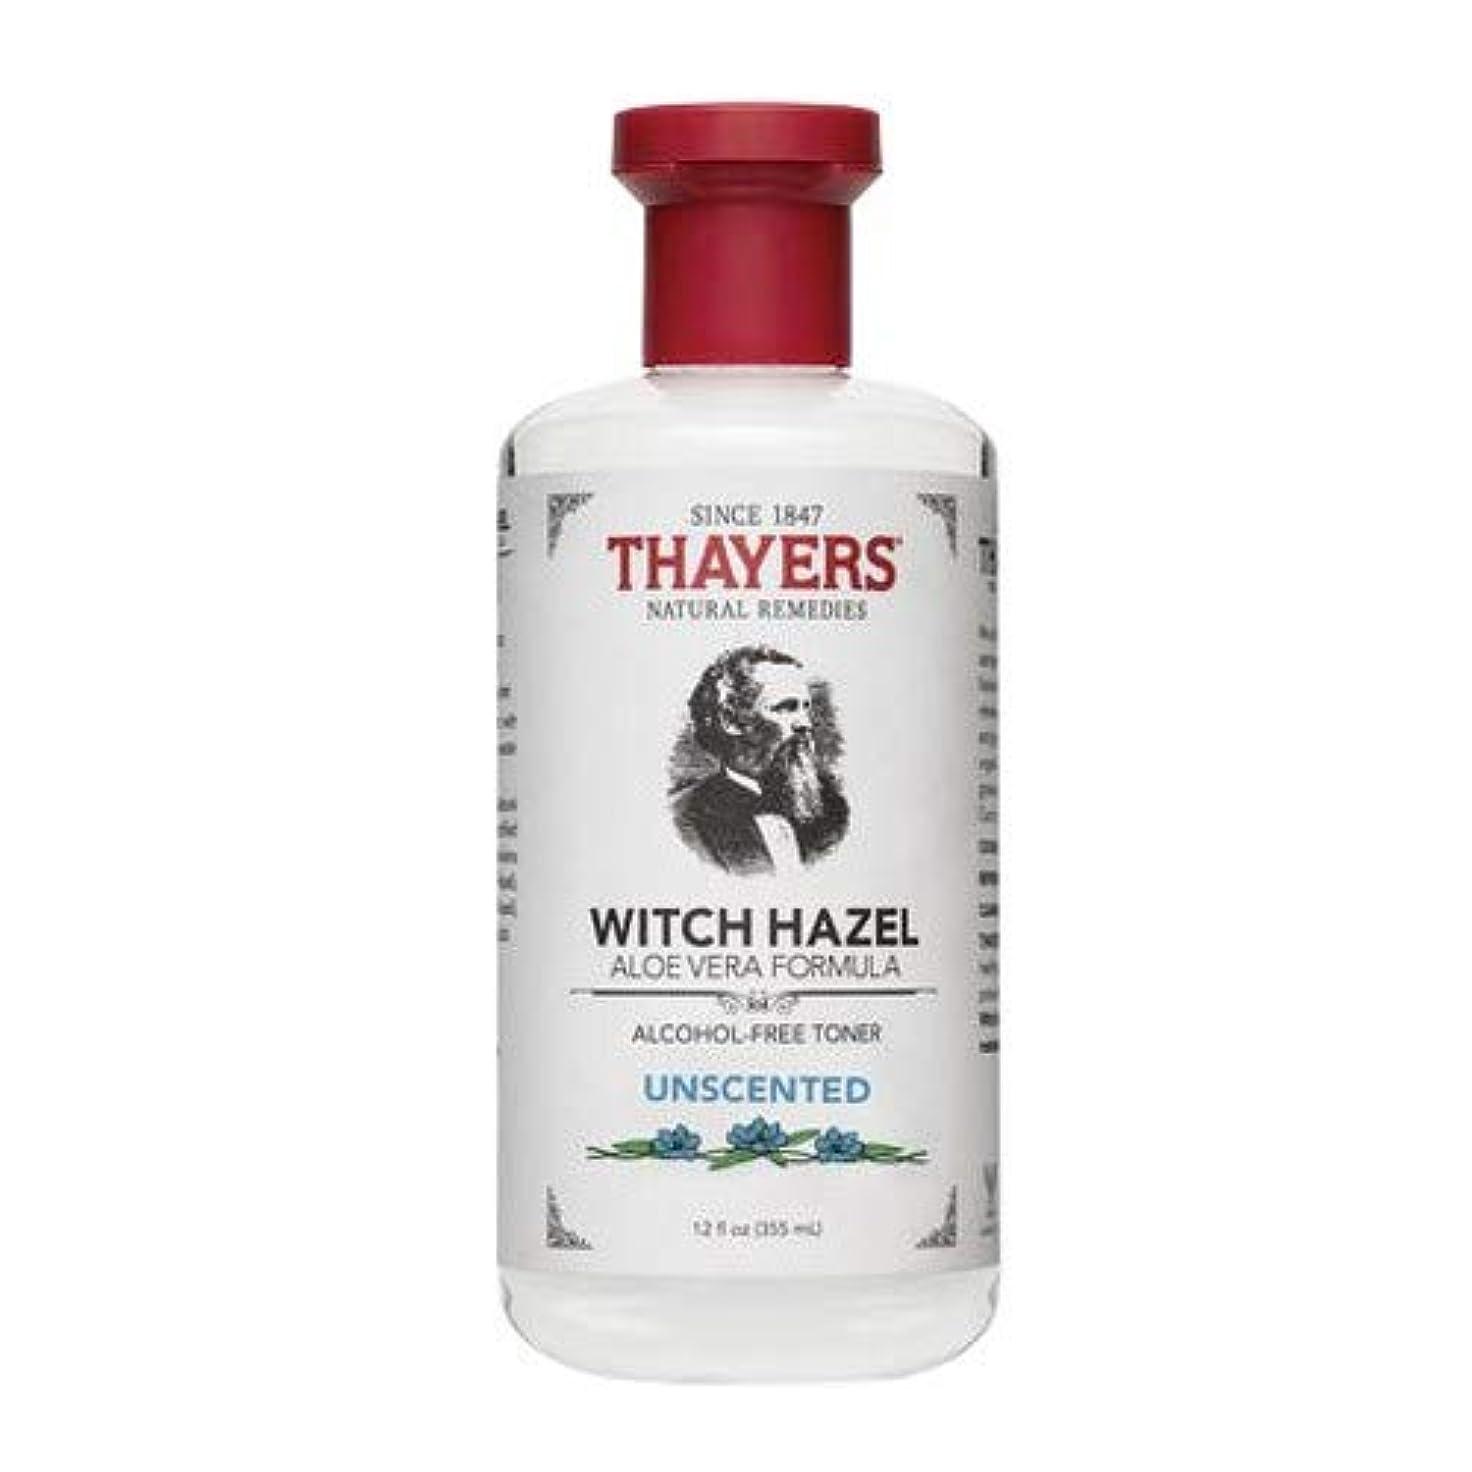 クッションエーカー回転させるThayersアルコールフリー無香料ウィッチヘーゼルトナー( 12oz。)